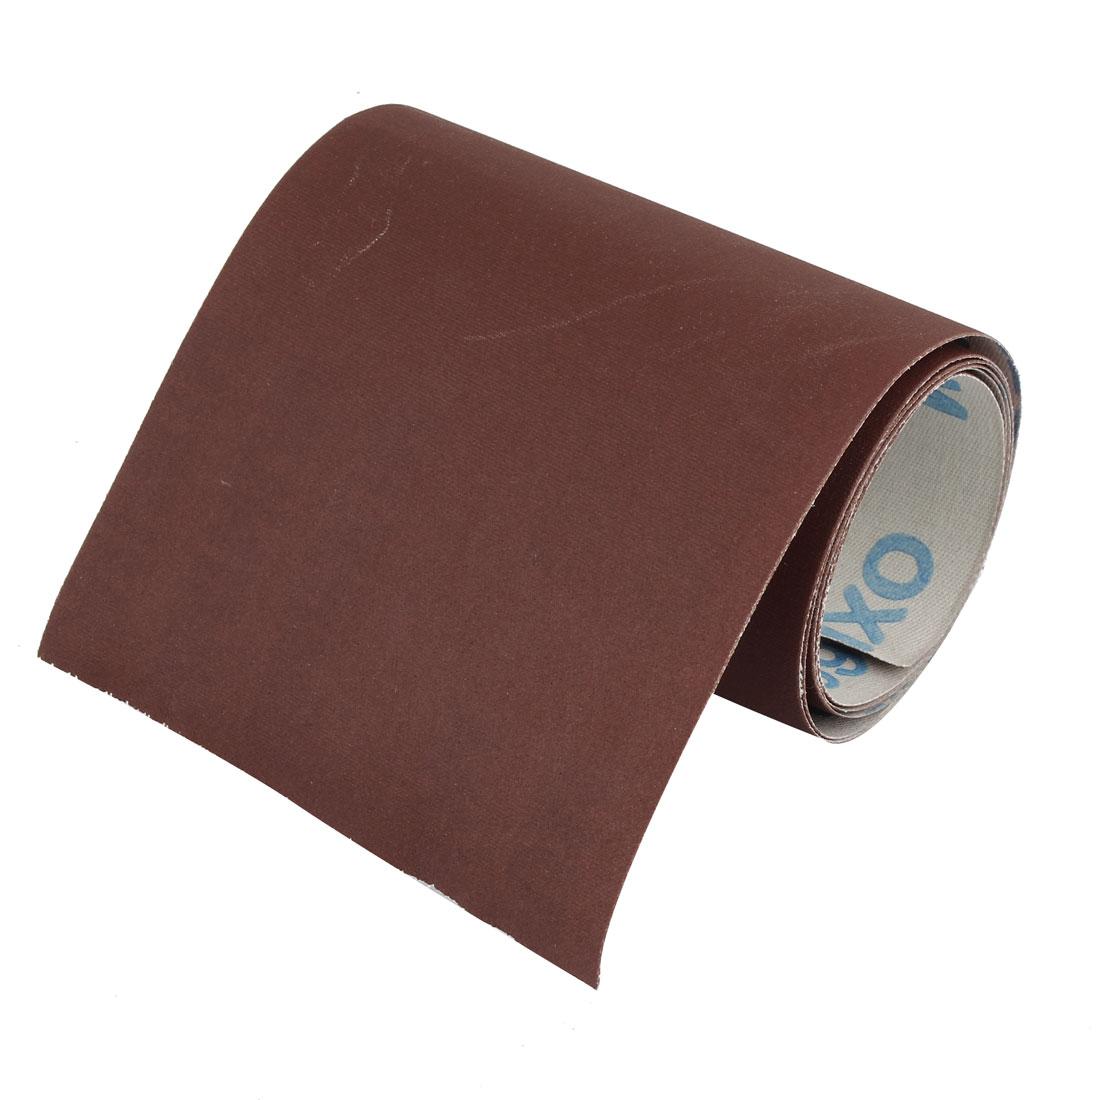 100cm x 10cm 600 Grit Abrasive Sheet Sanding Sandpaper Polishing Tool